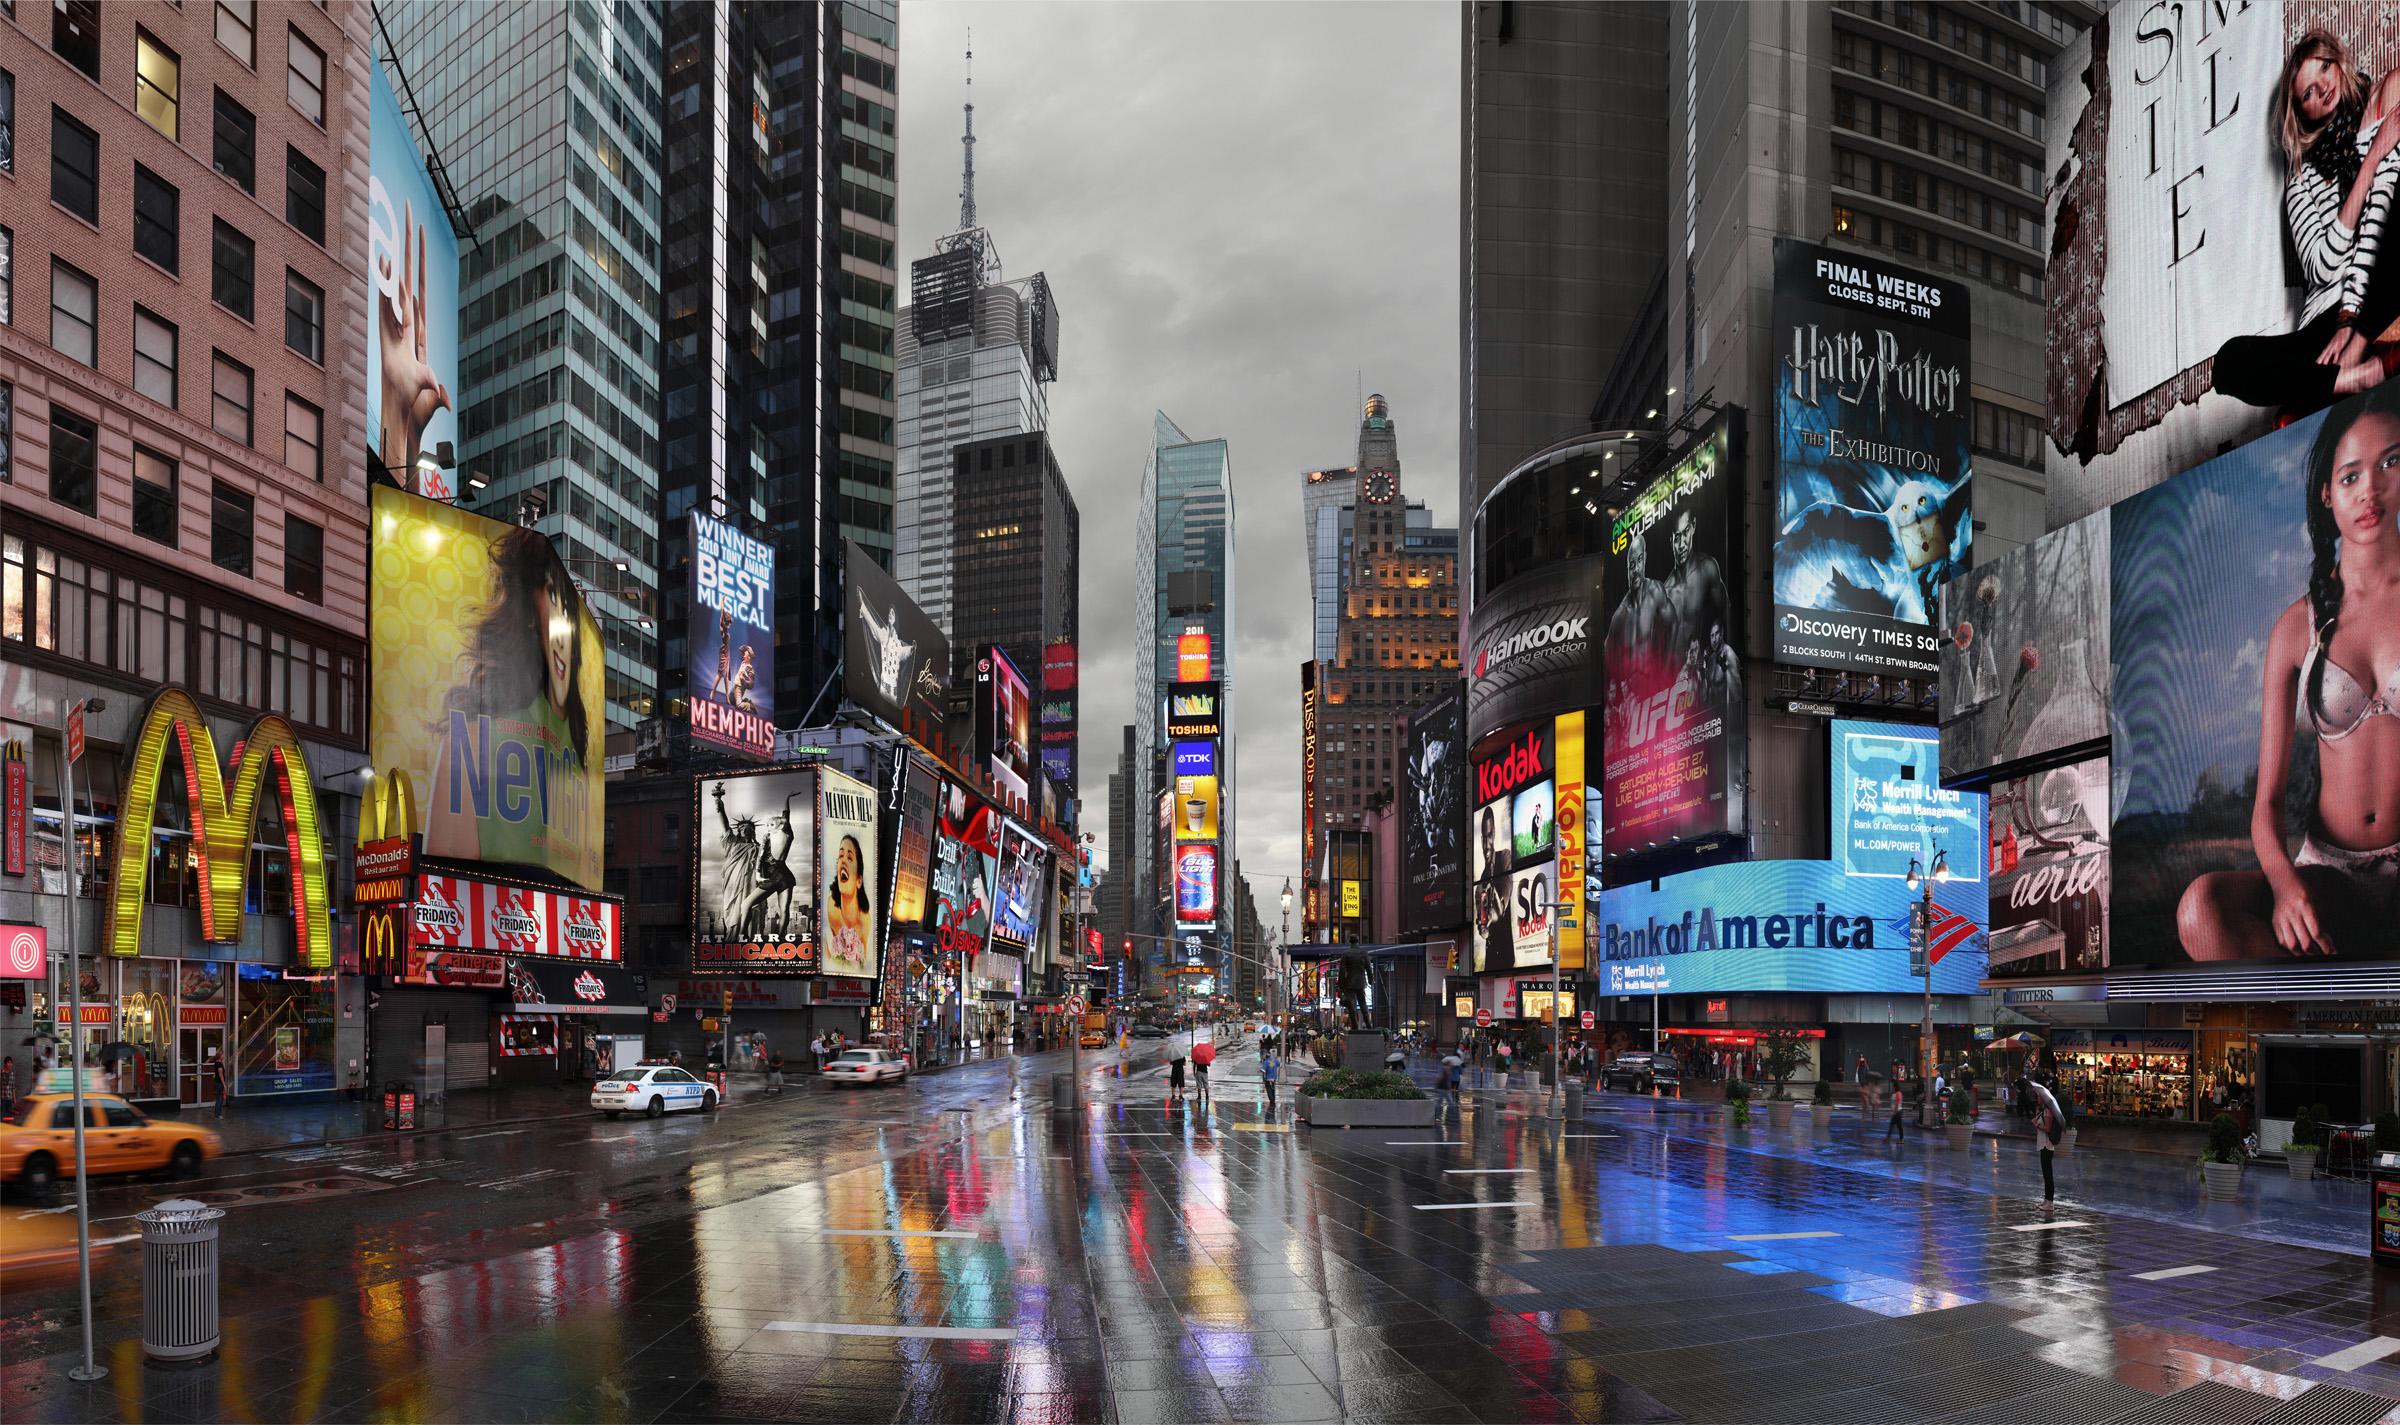 USNY-HUR - Hurricane Irene Times Square.jpg